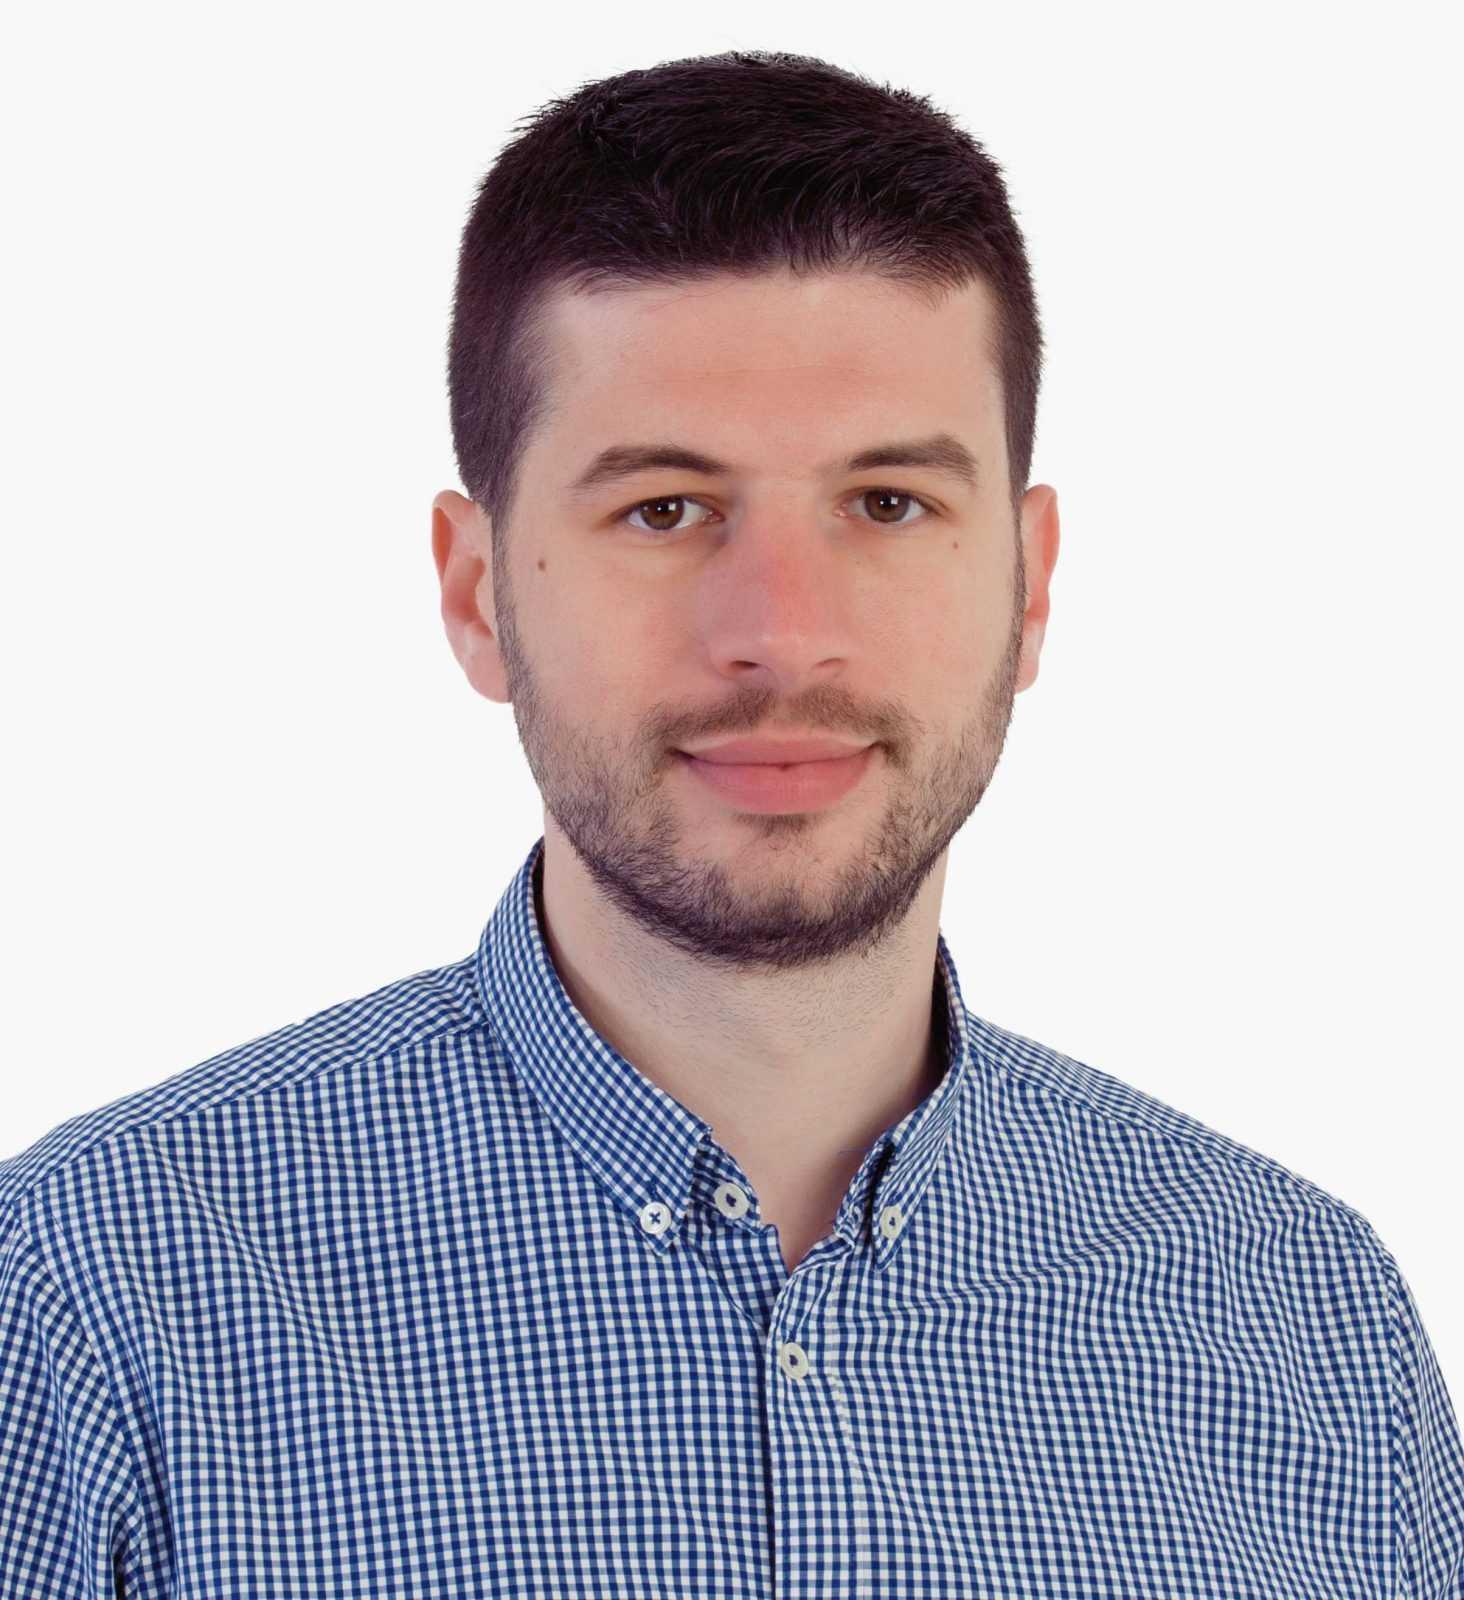 ΟΝΝΕΔ,το αύριο τώρα! Γράφει ο Πουλαράκης Νικόλαος Πρόεδρος Ν Ε ΟΝΝΕΔ Κοζάνης